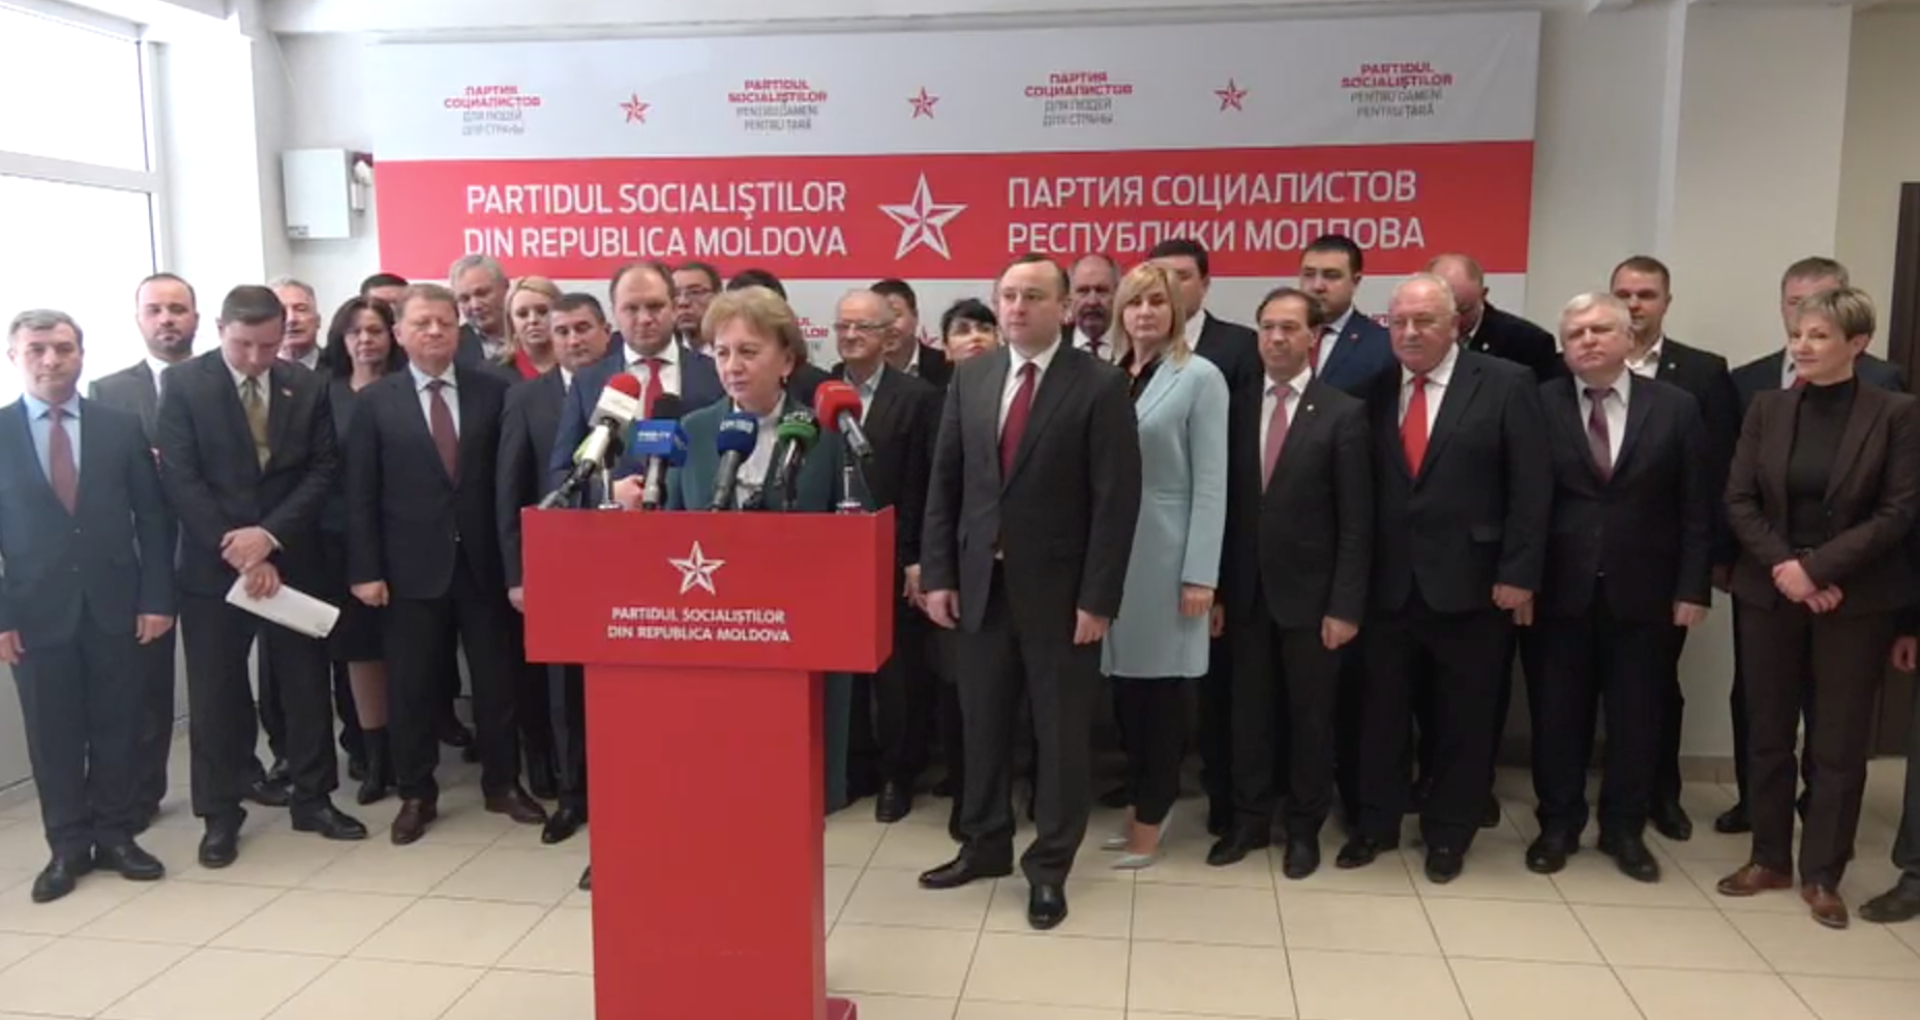 Întreaga fracțiune a PSRM, în frunte cu Zinaida Greceanîi, a plecat la Moscova